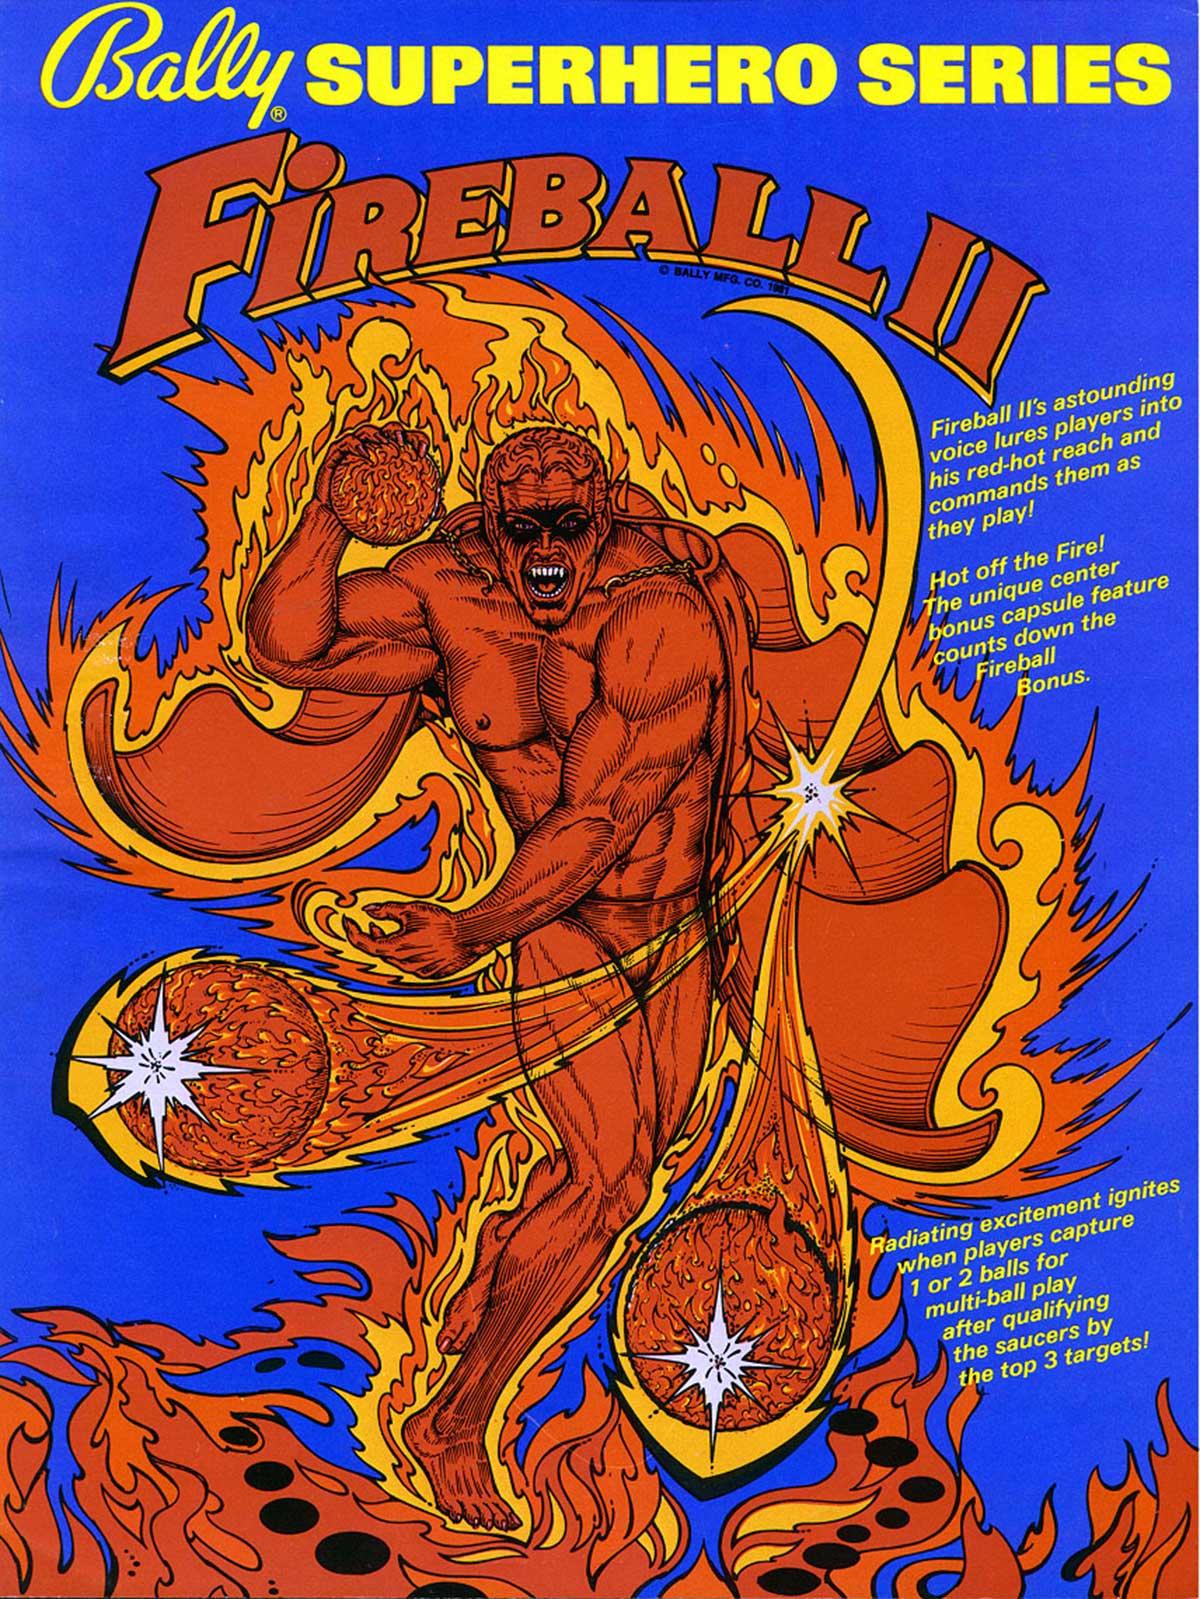 fireball2-flyer1.jpg